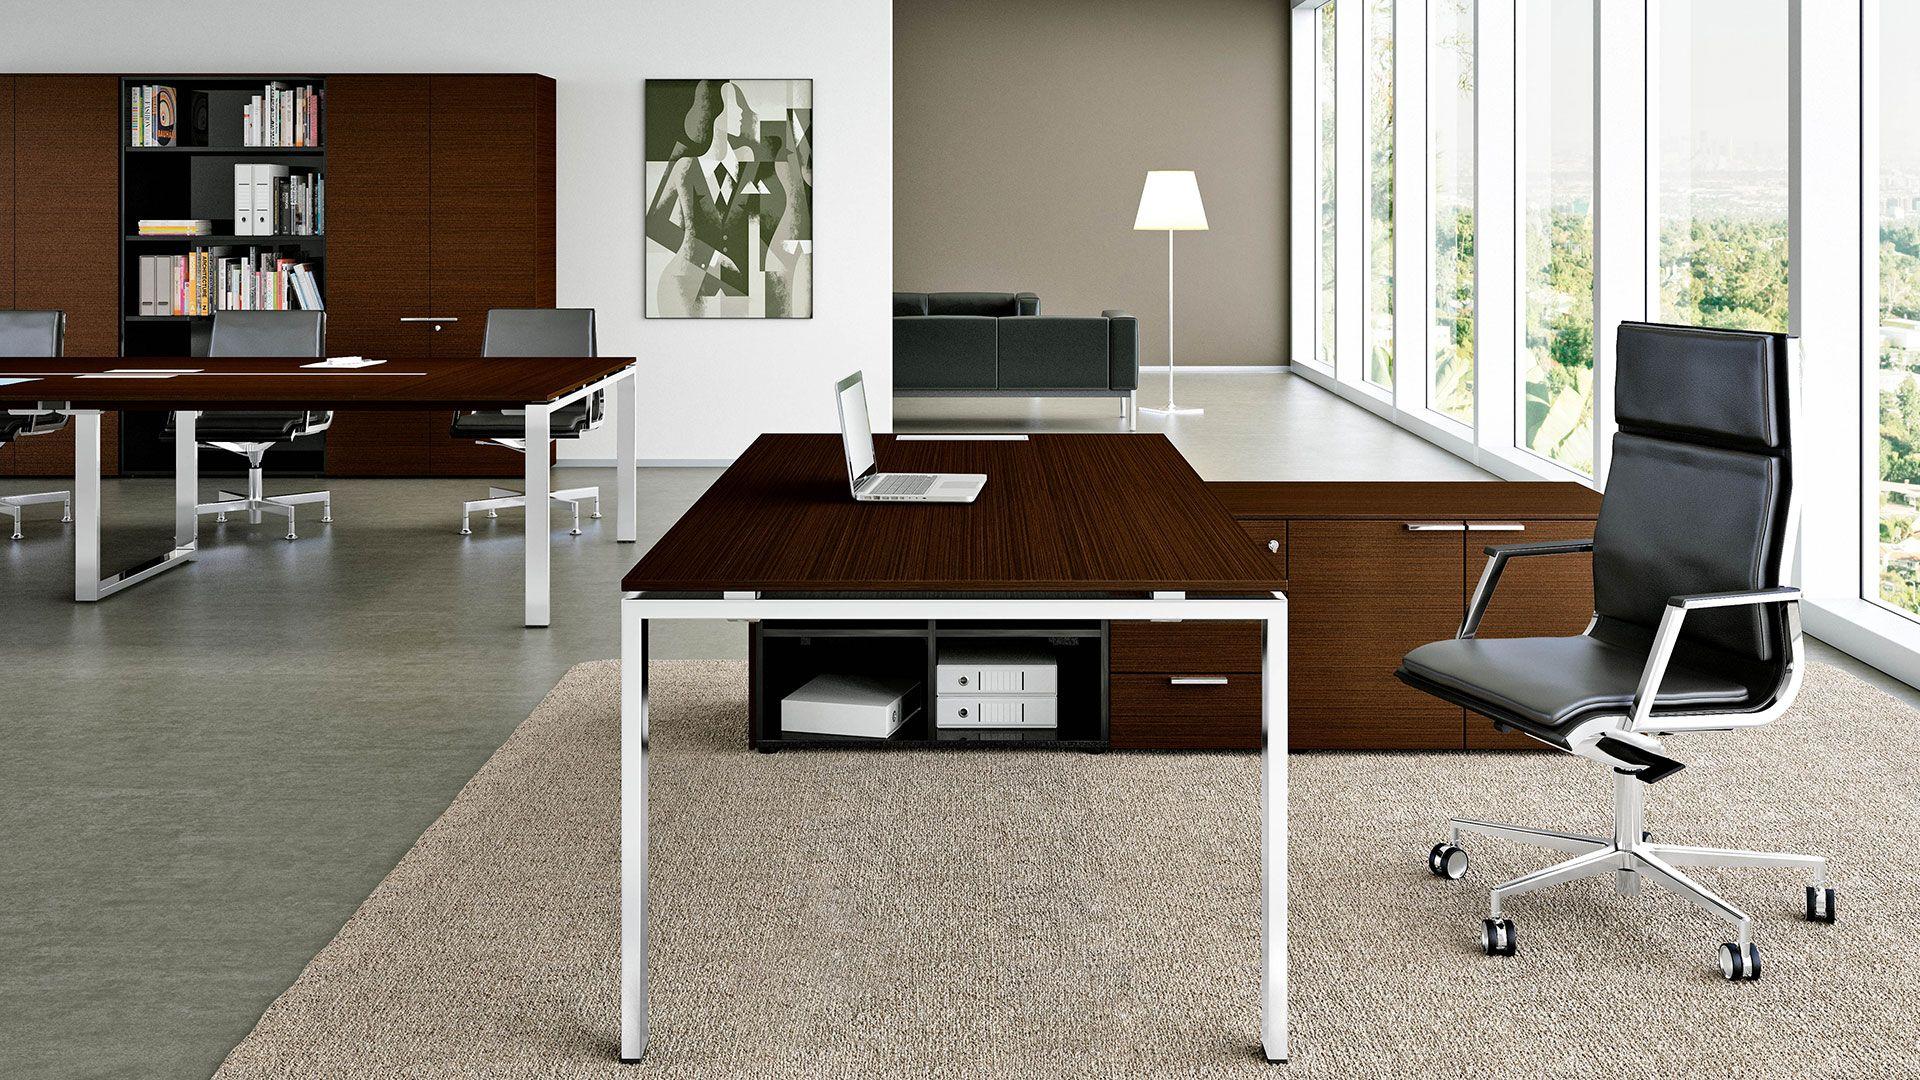 Chefzimmer Schreibtisch Platinum Chefburo Fur Hohe Anspruche An Preis Design Und Qualitat Chefburo Mit Reprasentativer Chefschreibtisch Sideboard Schreibtisch